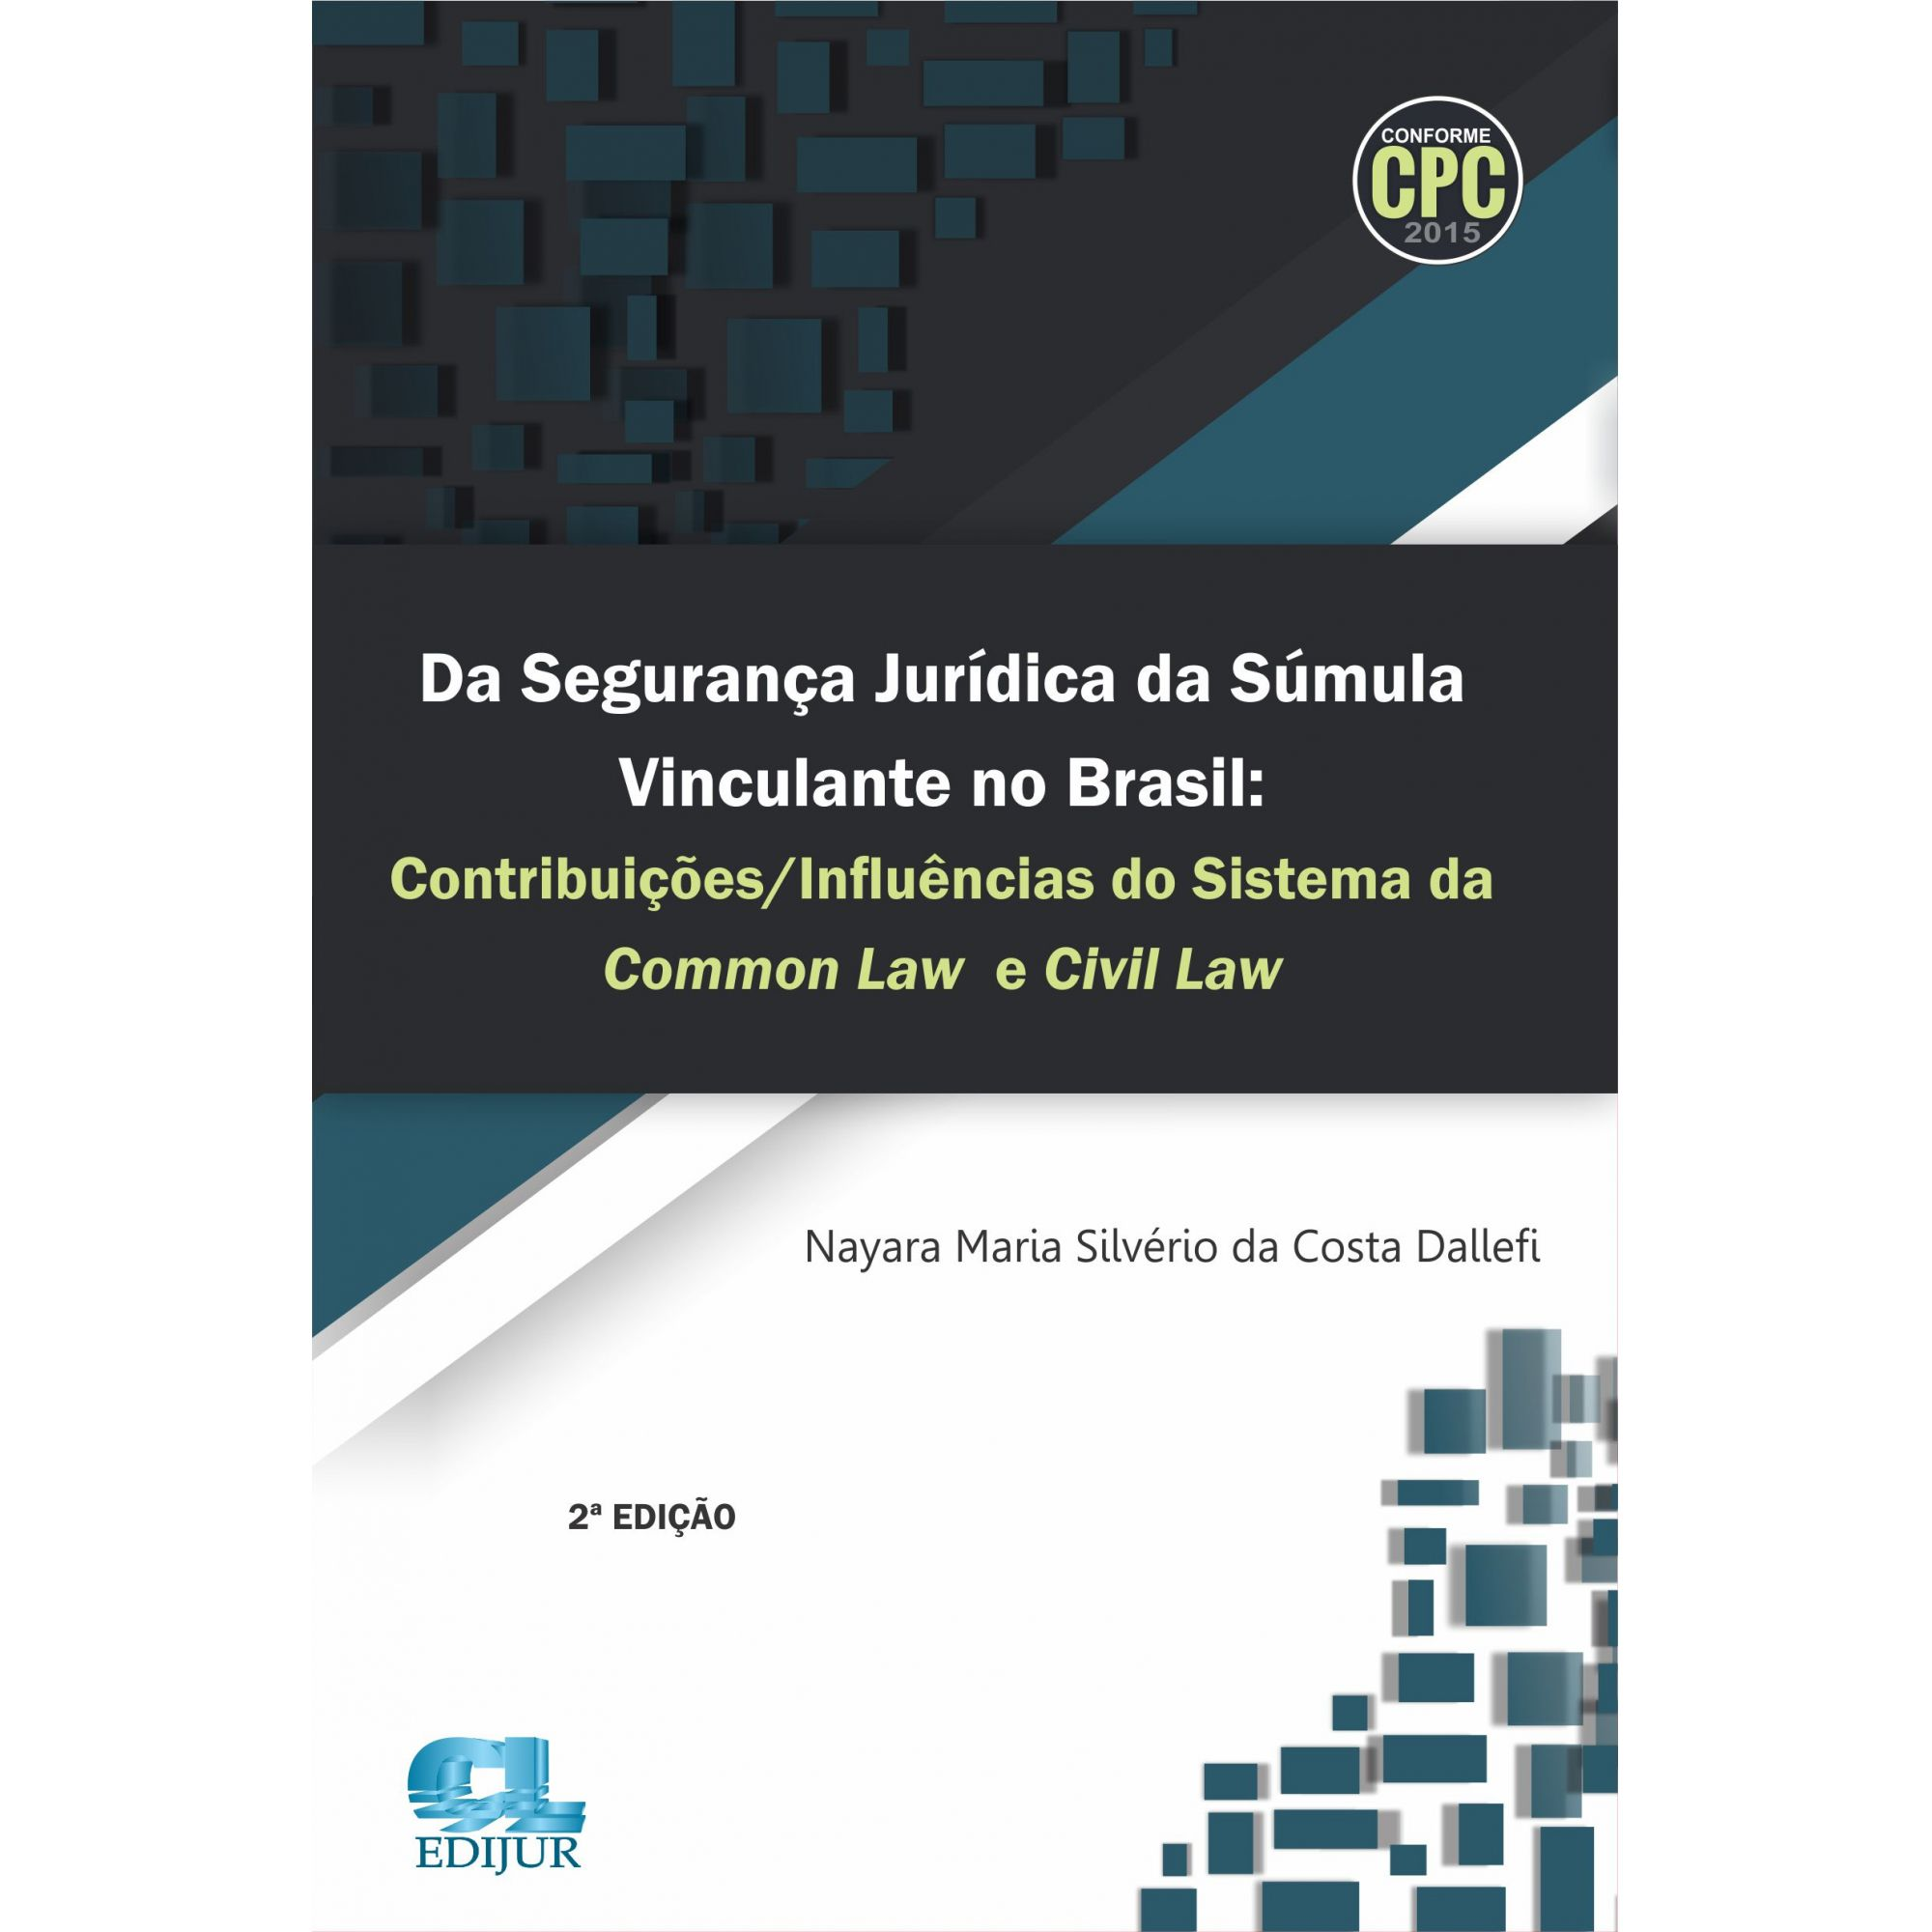 Da Segurança Jurídica da Súmula Vinculante no Brasil: Contribuições/ Influências do Sistema da Common Law e Civil Law  - Edijur Editora